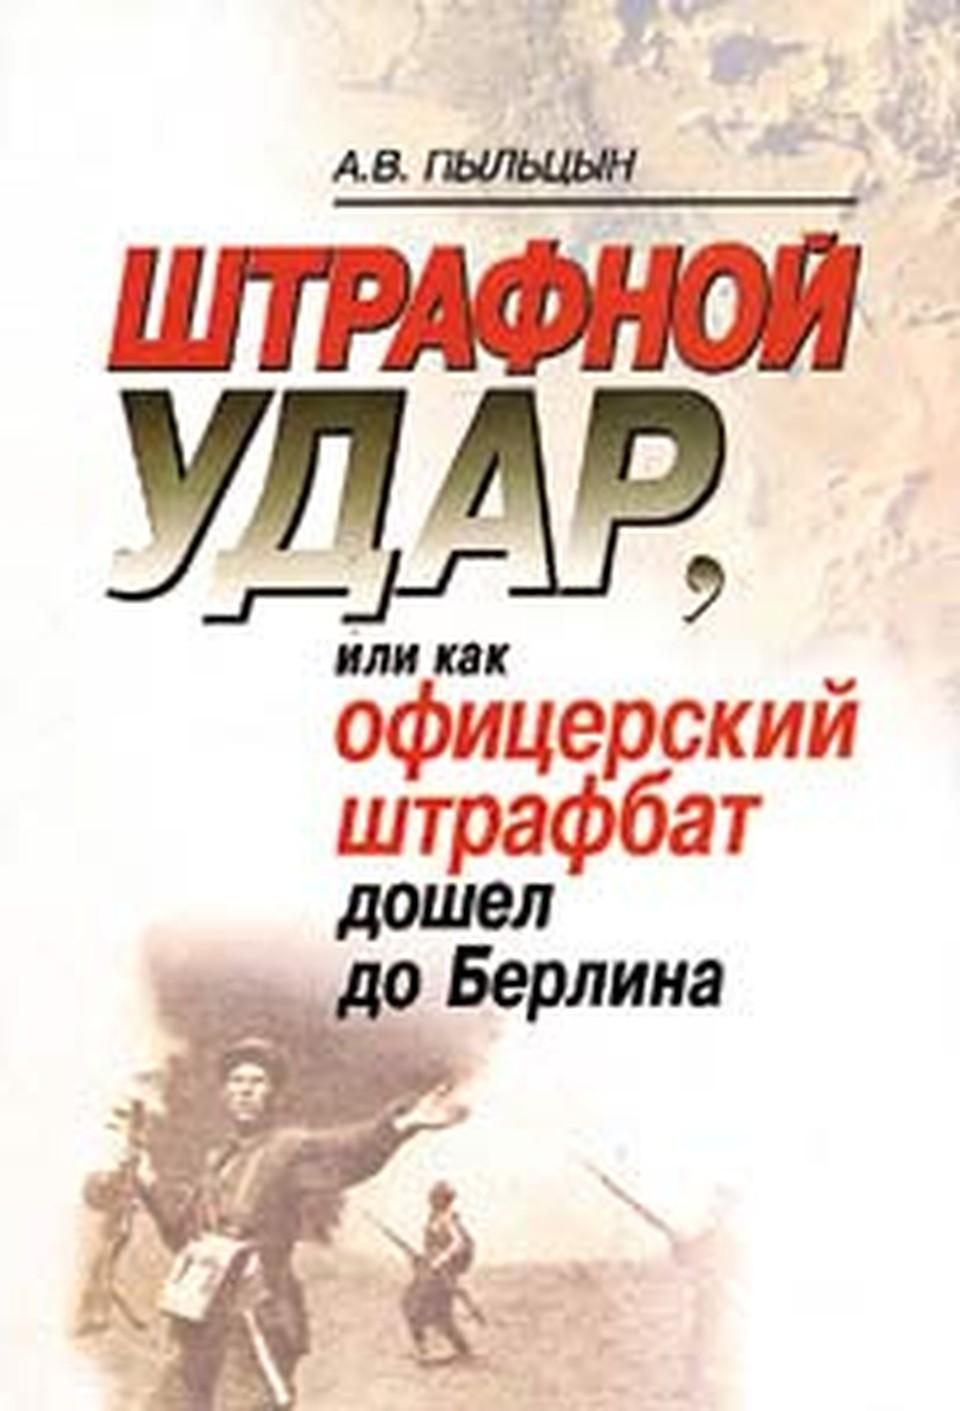 В этой книге генерал Пыльцын раскрывает неизвестные страницы войны.